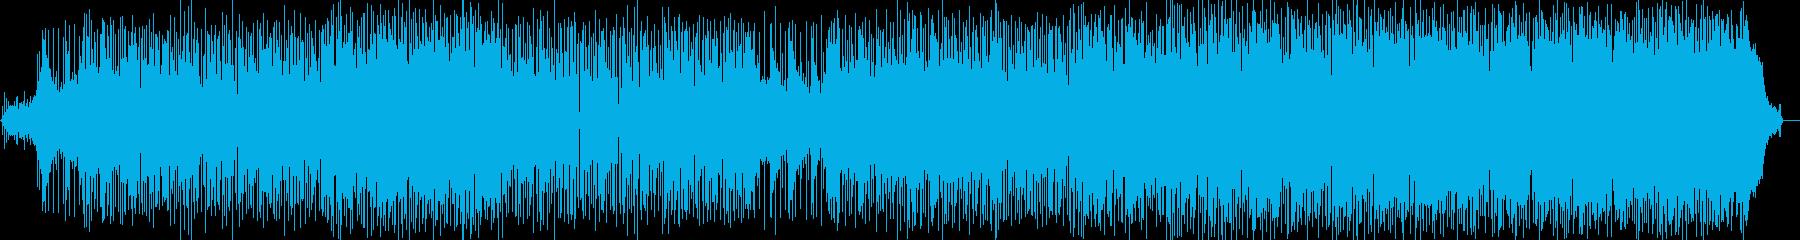 ソーダフロートシャドウの再生済みの波形